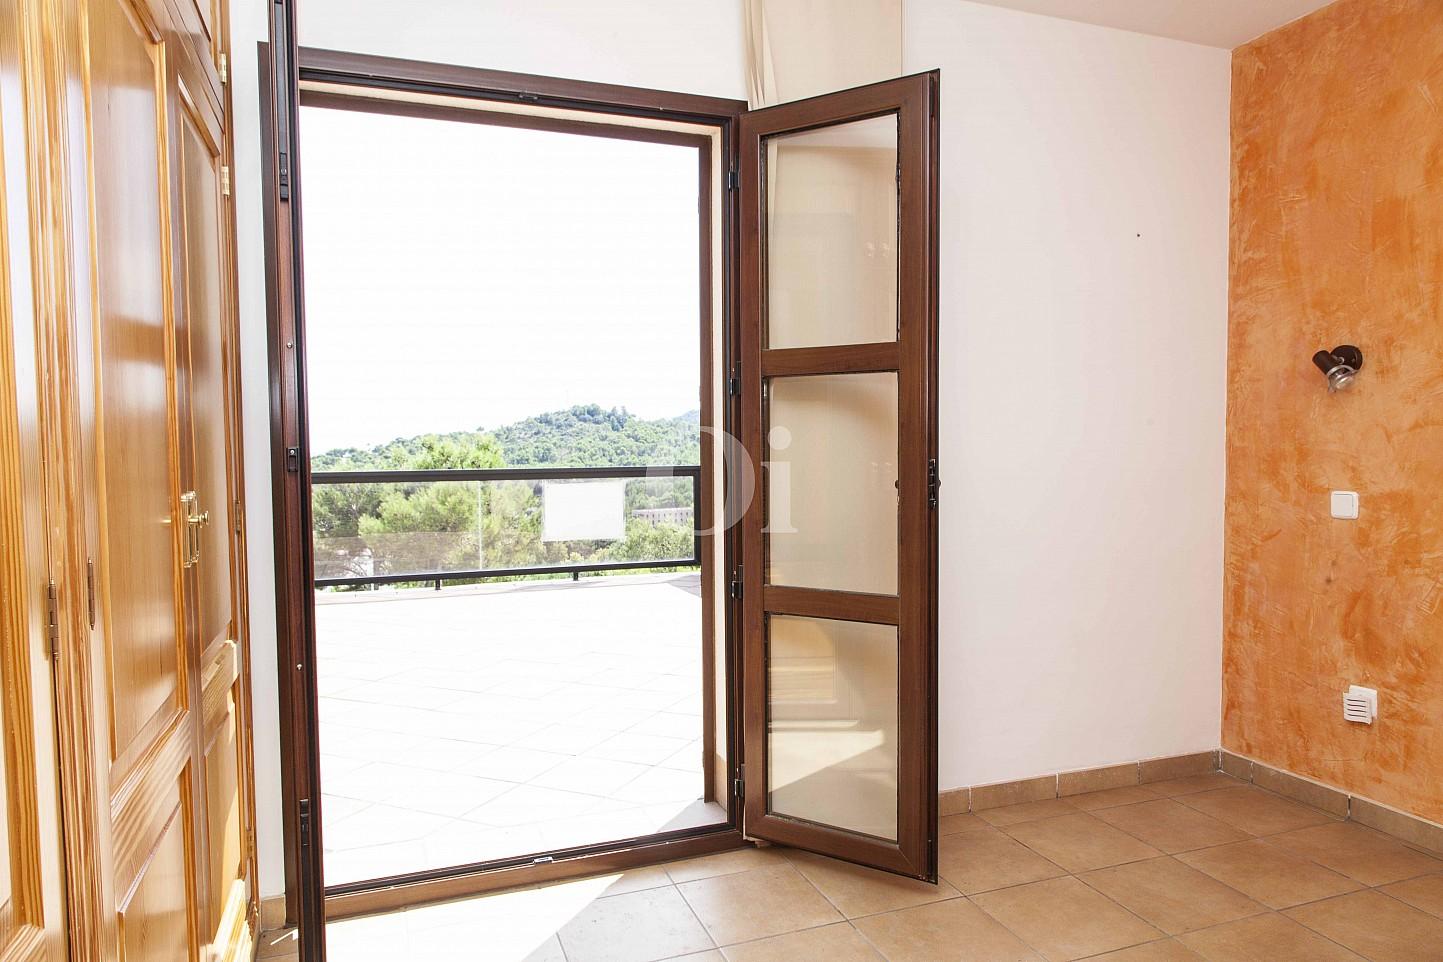 Habitació d'una casa en venda en un exclusiu complex residencial de Mallorca